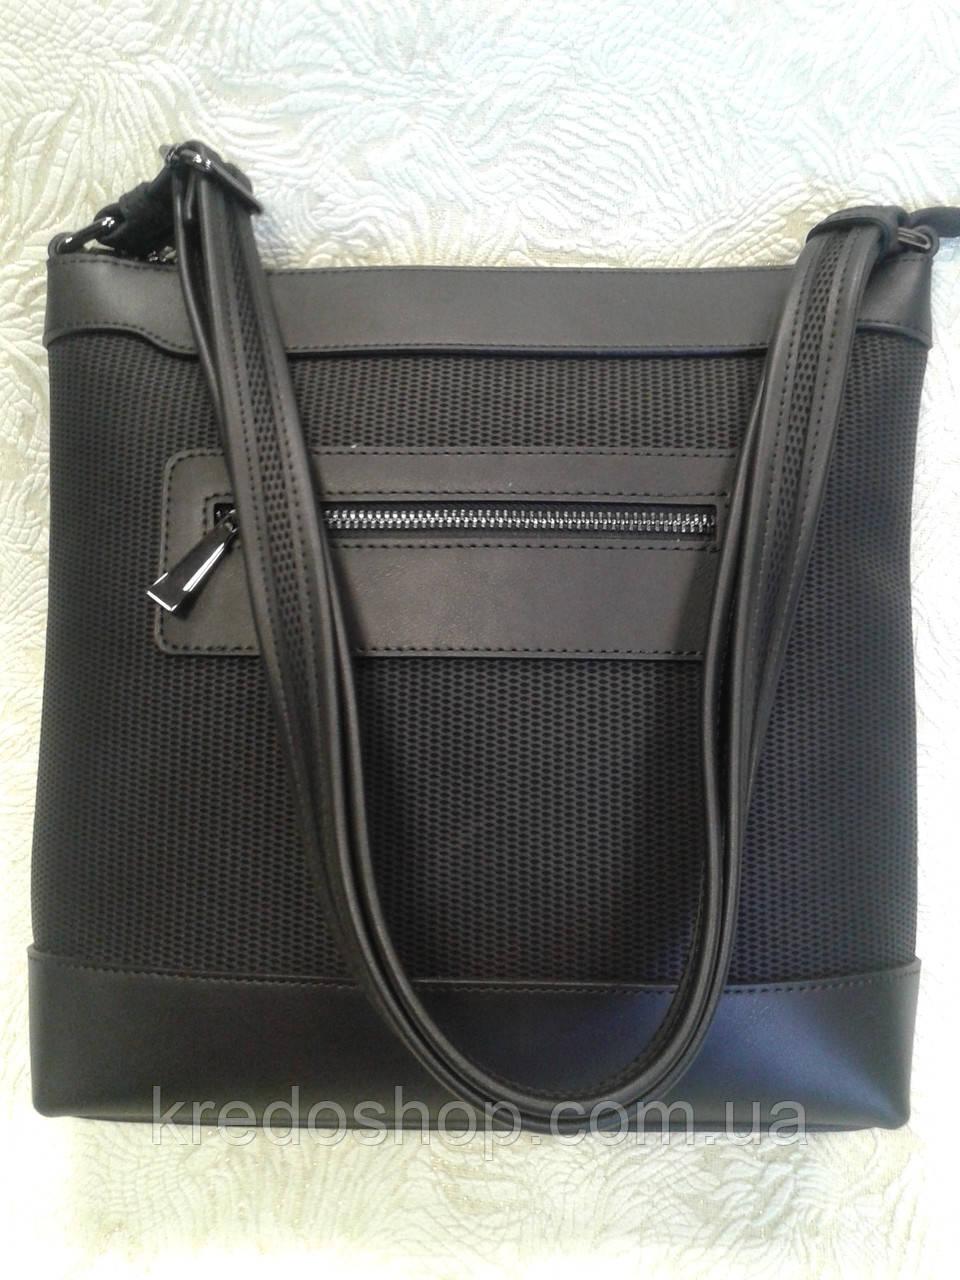 1567fdcd9fc0 Клатч женский черный молодежный на плечо (Турция) - Интернет-магазин сумок  и аксессуаров